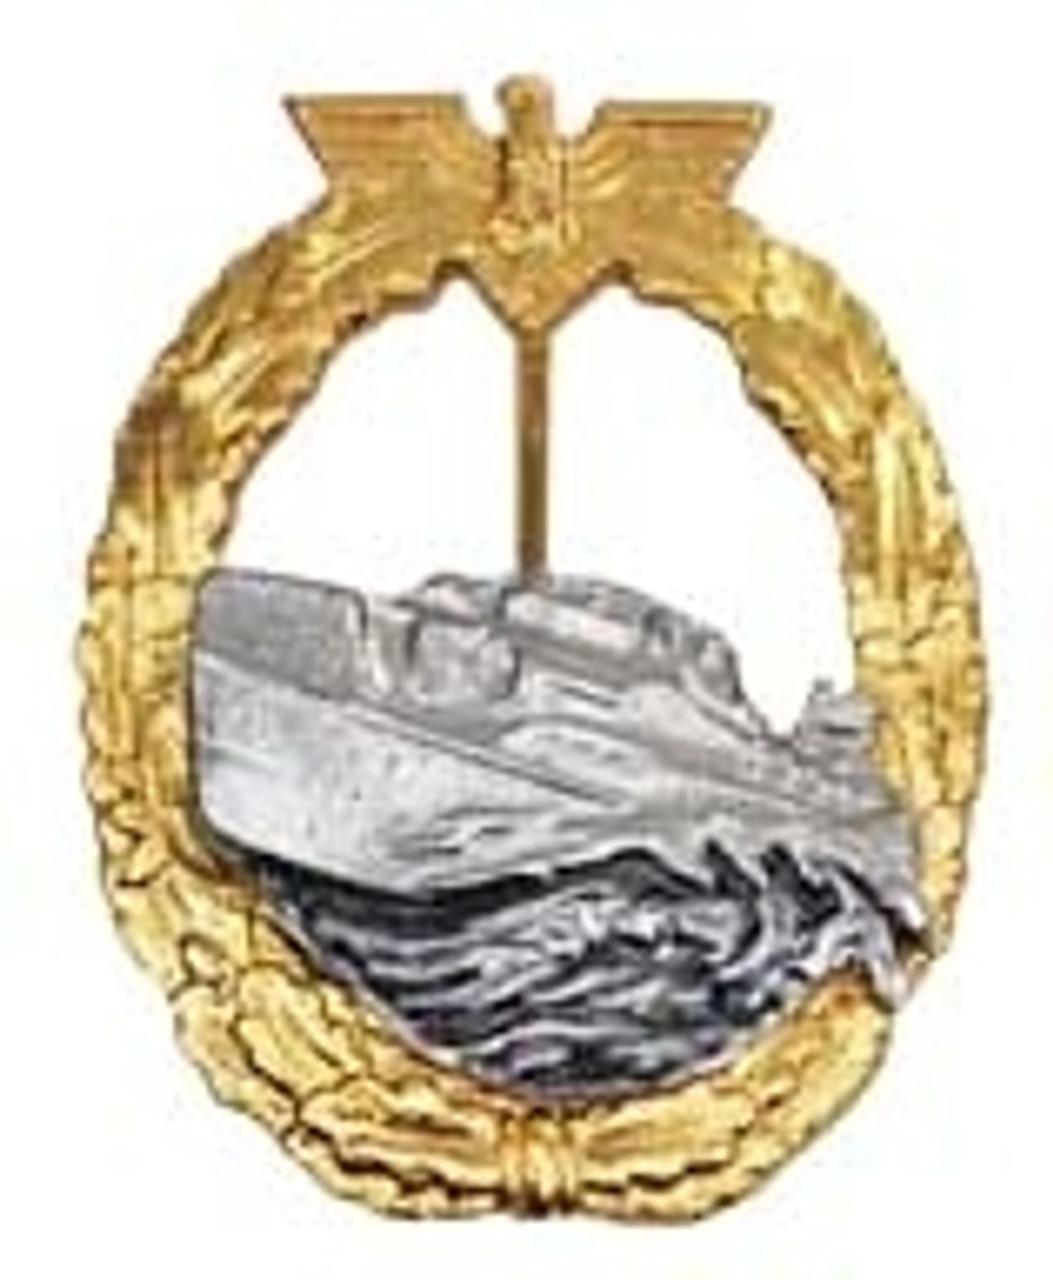 Kriegsmarine Patrol/Torpedo Boat War Badge - 1st Pattern (Schnellboot-Kriegsabzeichen) from Hessen Antique